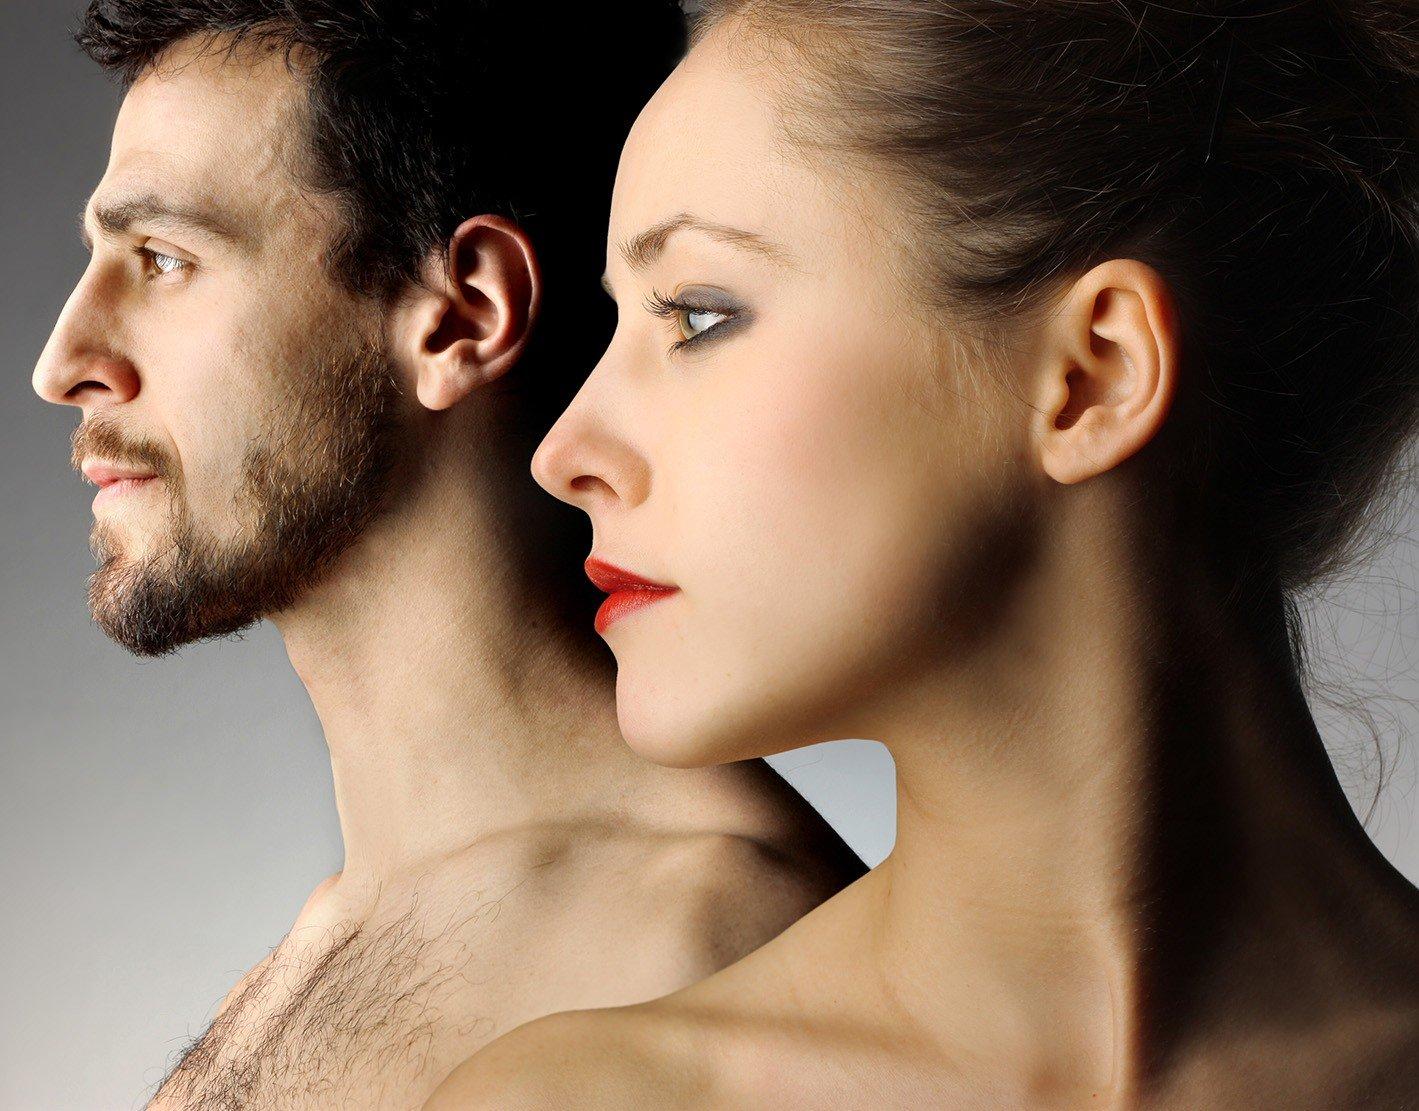 Постер мужчина и женщина фото